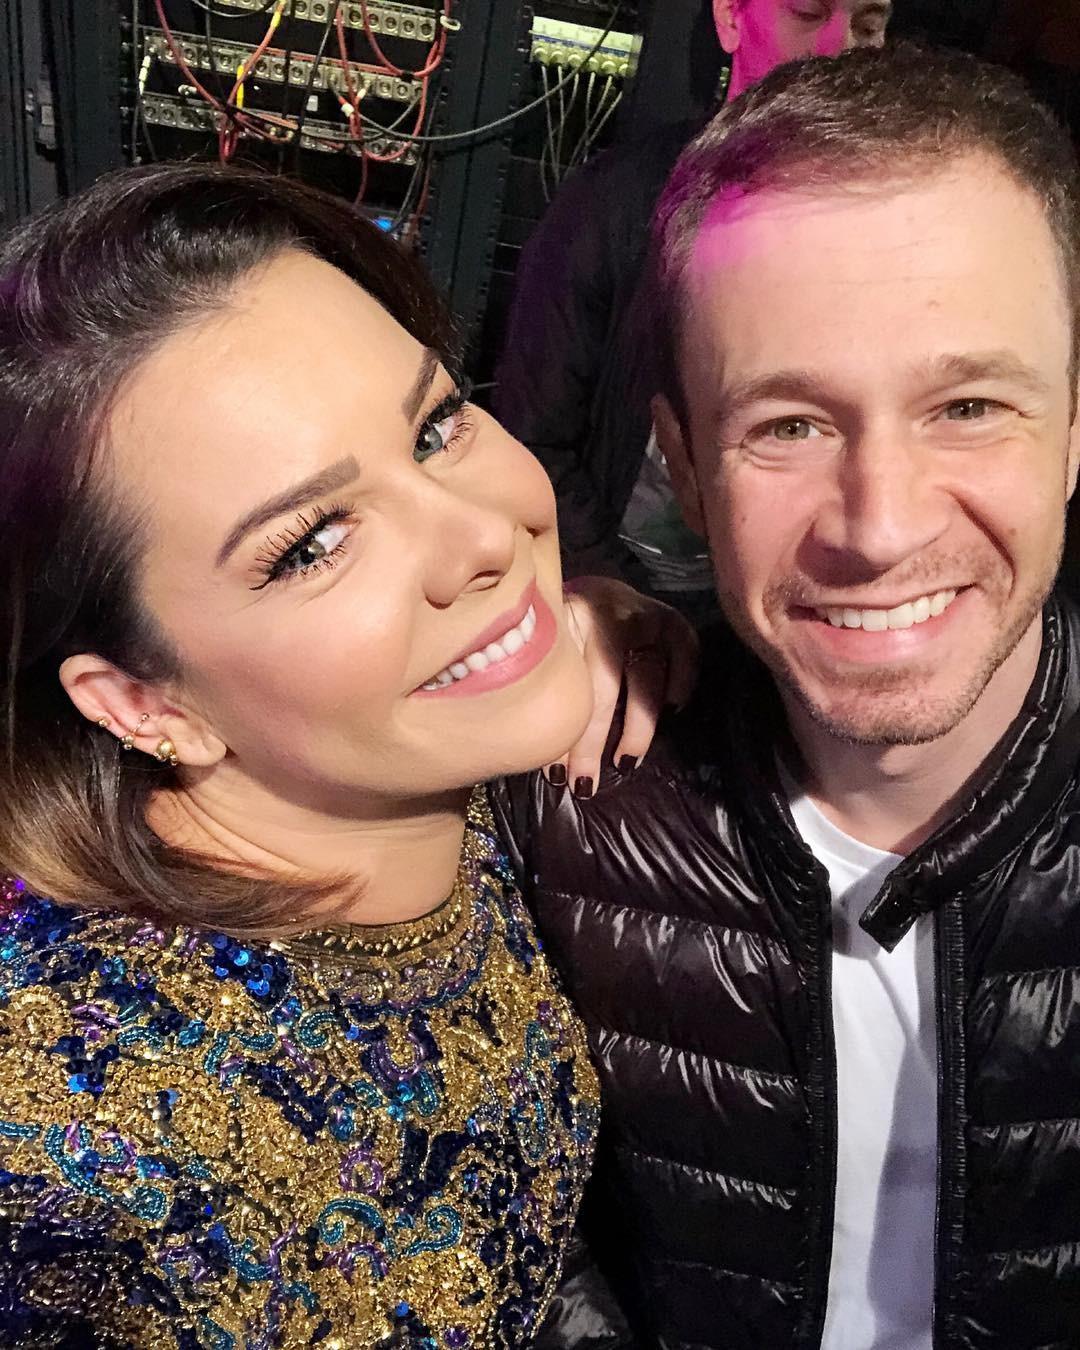 Fernanda Souza e Tiago Leifert (Foto: Reprodução Instagram)